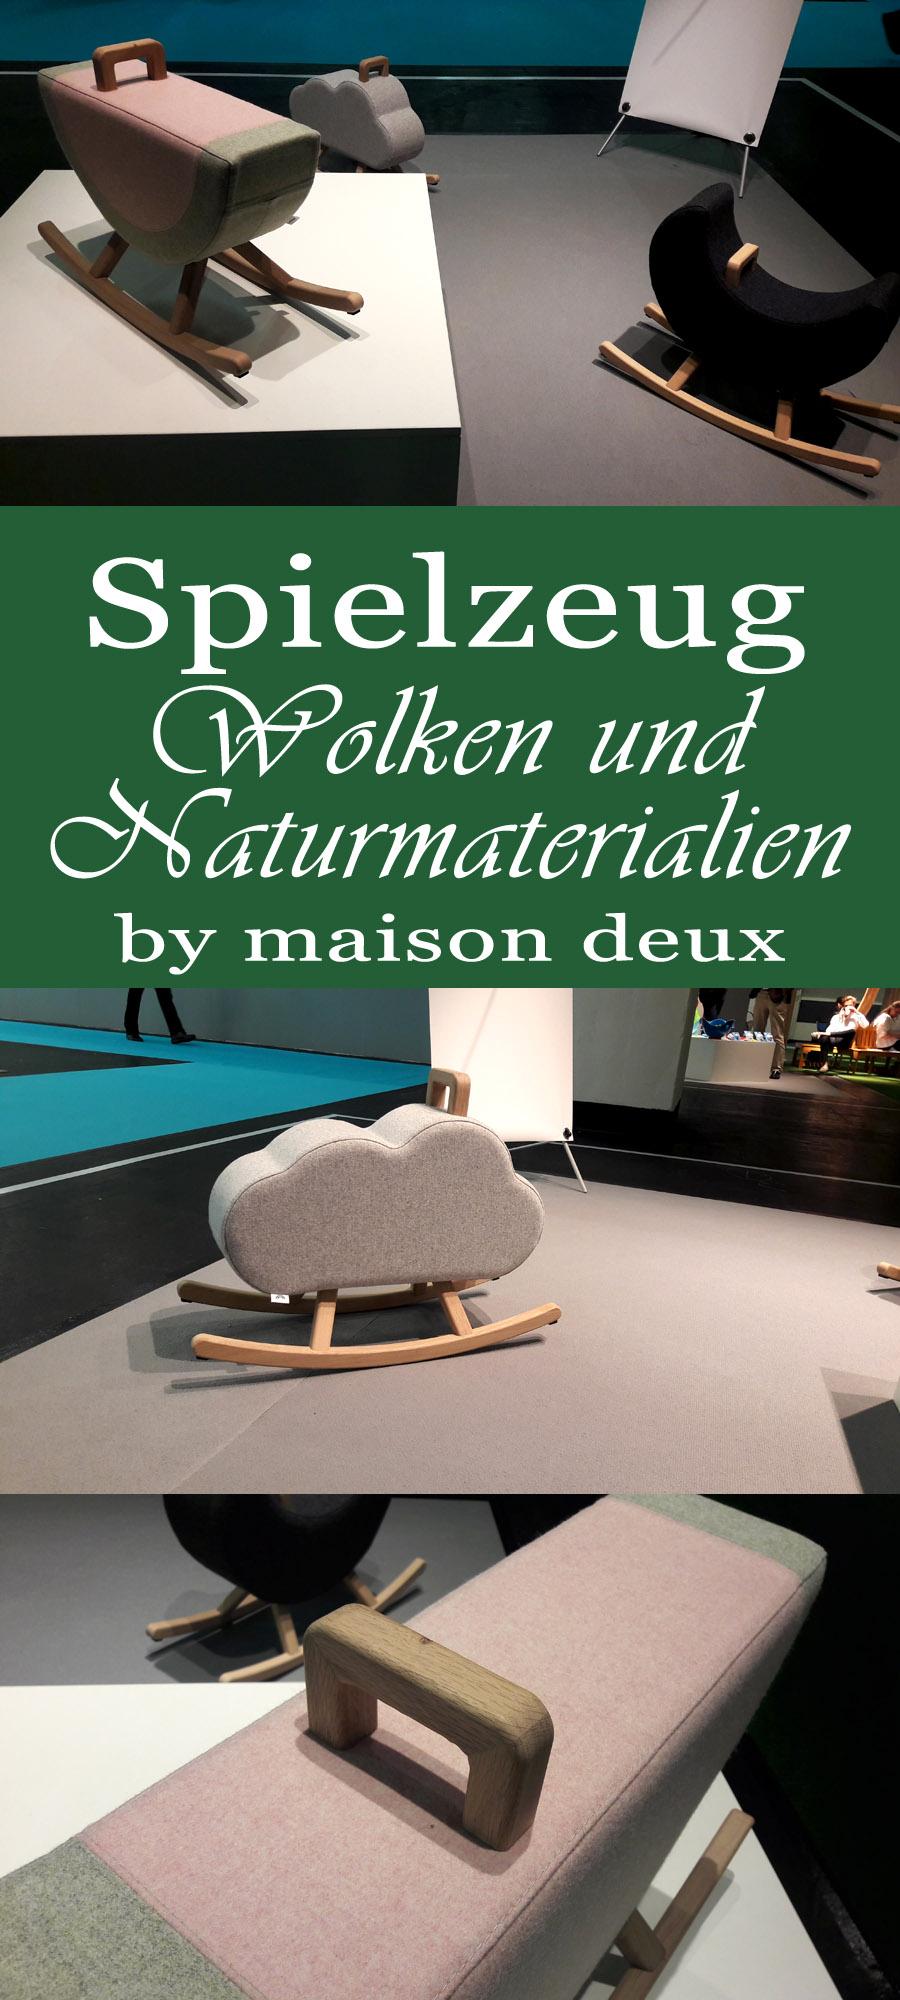 Kinderzimmertrends 2018: Wippen aus den Materialien Holz und Filz in Form von Wolken, Mond & Melone | www.nullpunktzwo.de